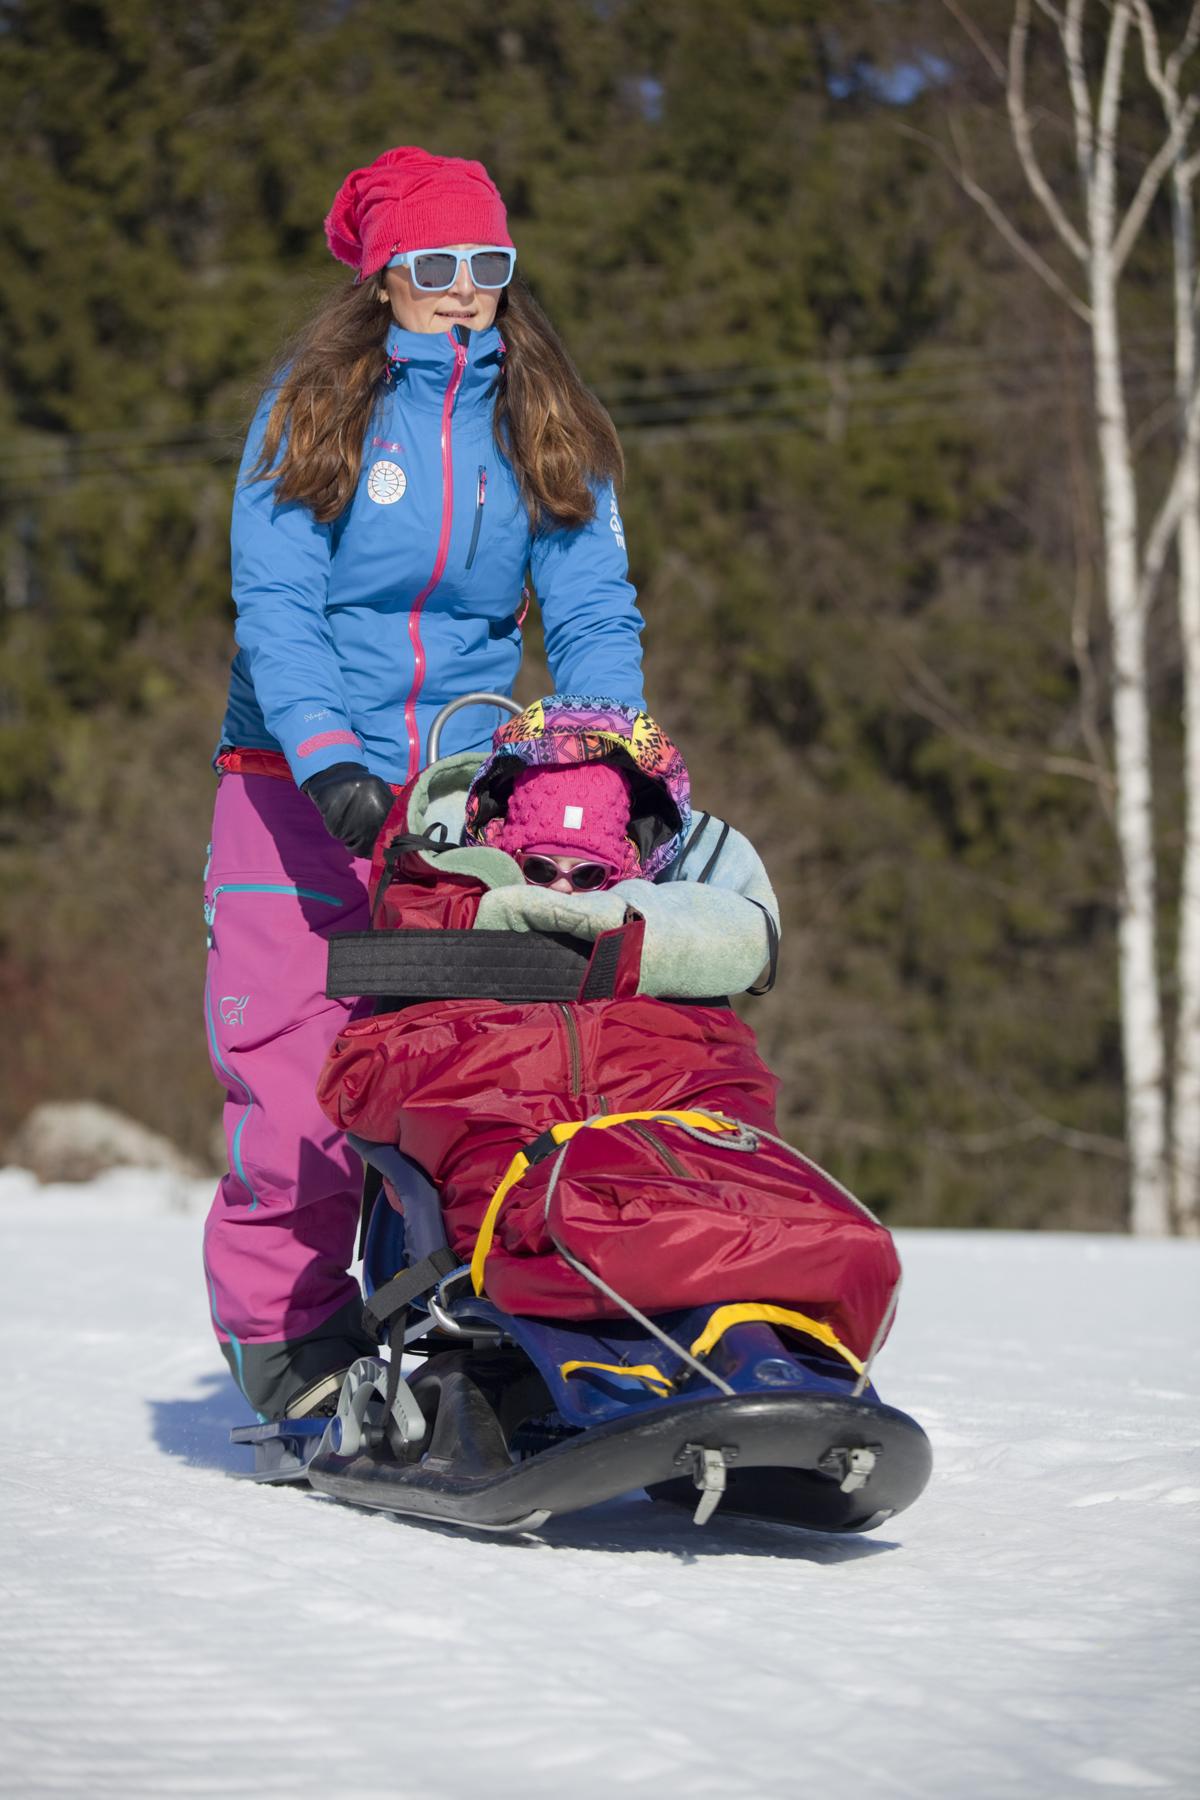 Lämpimien vaatteiden lisäksi lämpöpussit varmistavat mukavan ulkoilukokemuksen pakkaspäivänä. Kuva: Janne Ruotsalainen